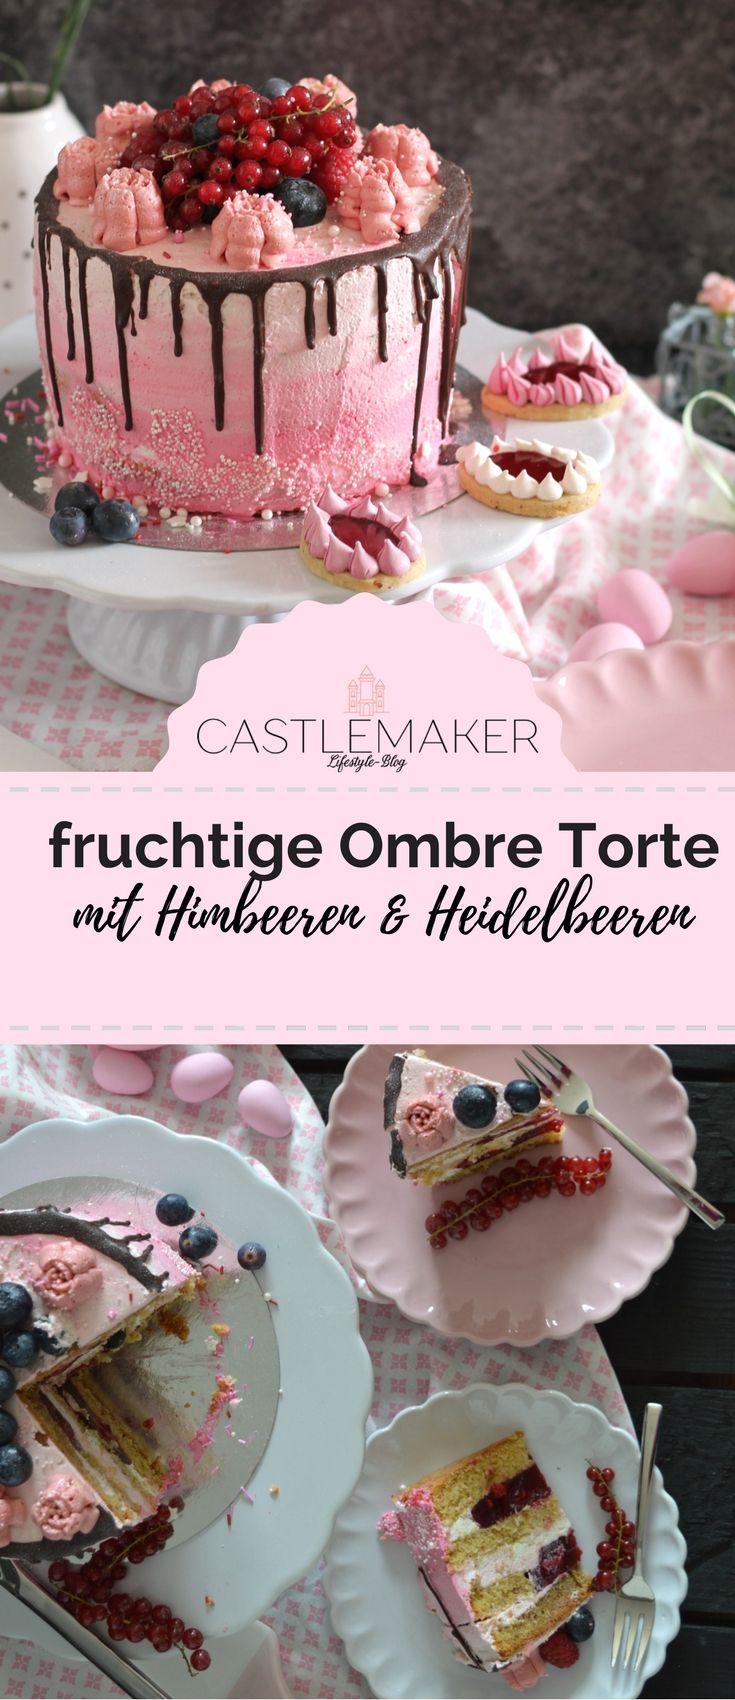 Fruchtige Torte Im Ombre Look Mit Himbeeren Heidelbeeren Drip